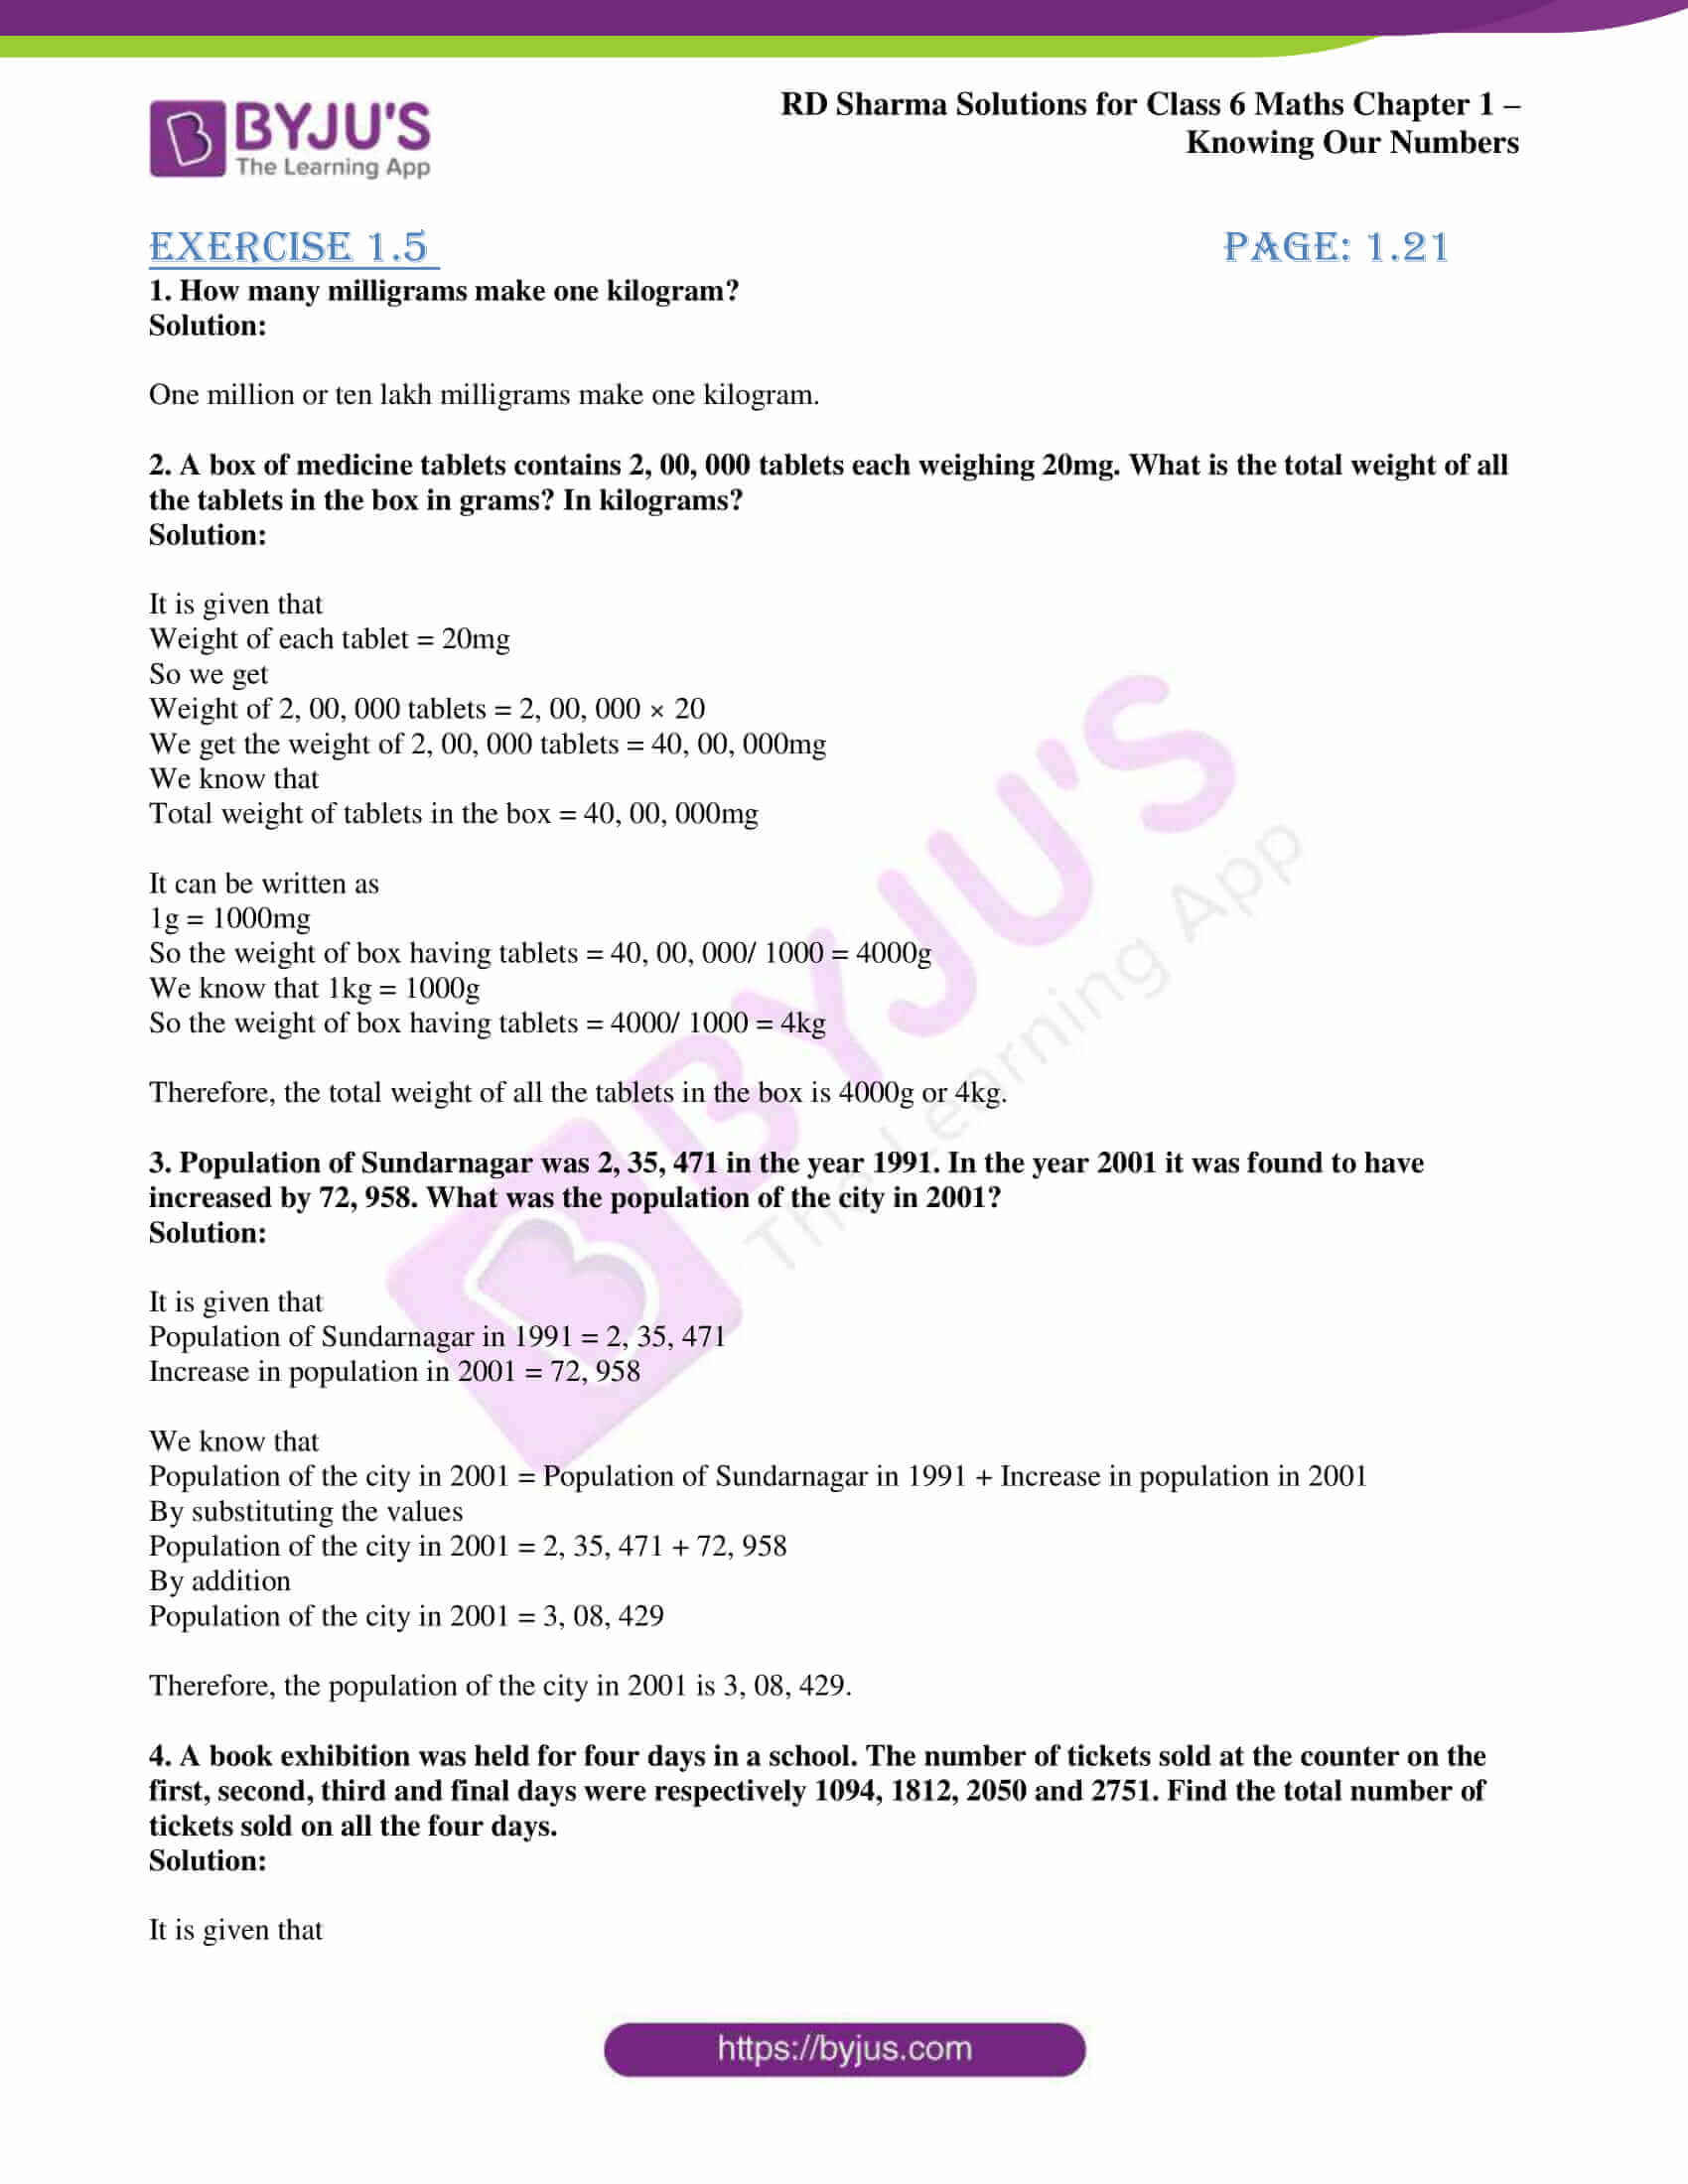 rd sharma class 6 maths solutions chapter 1 ex 5 1